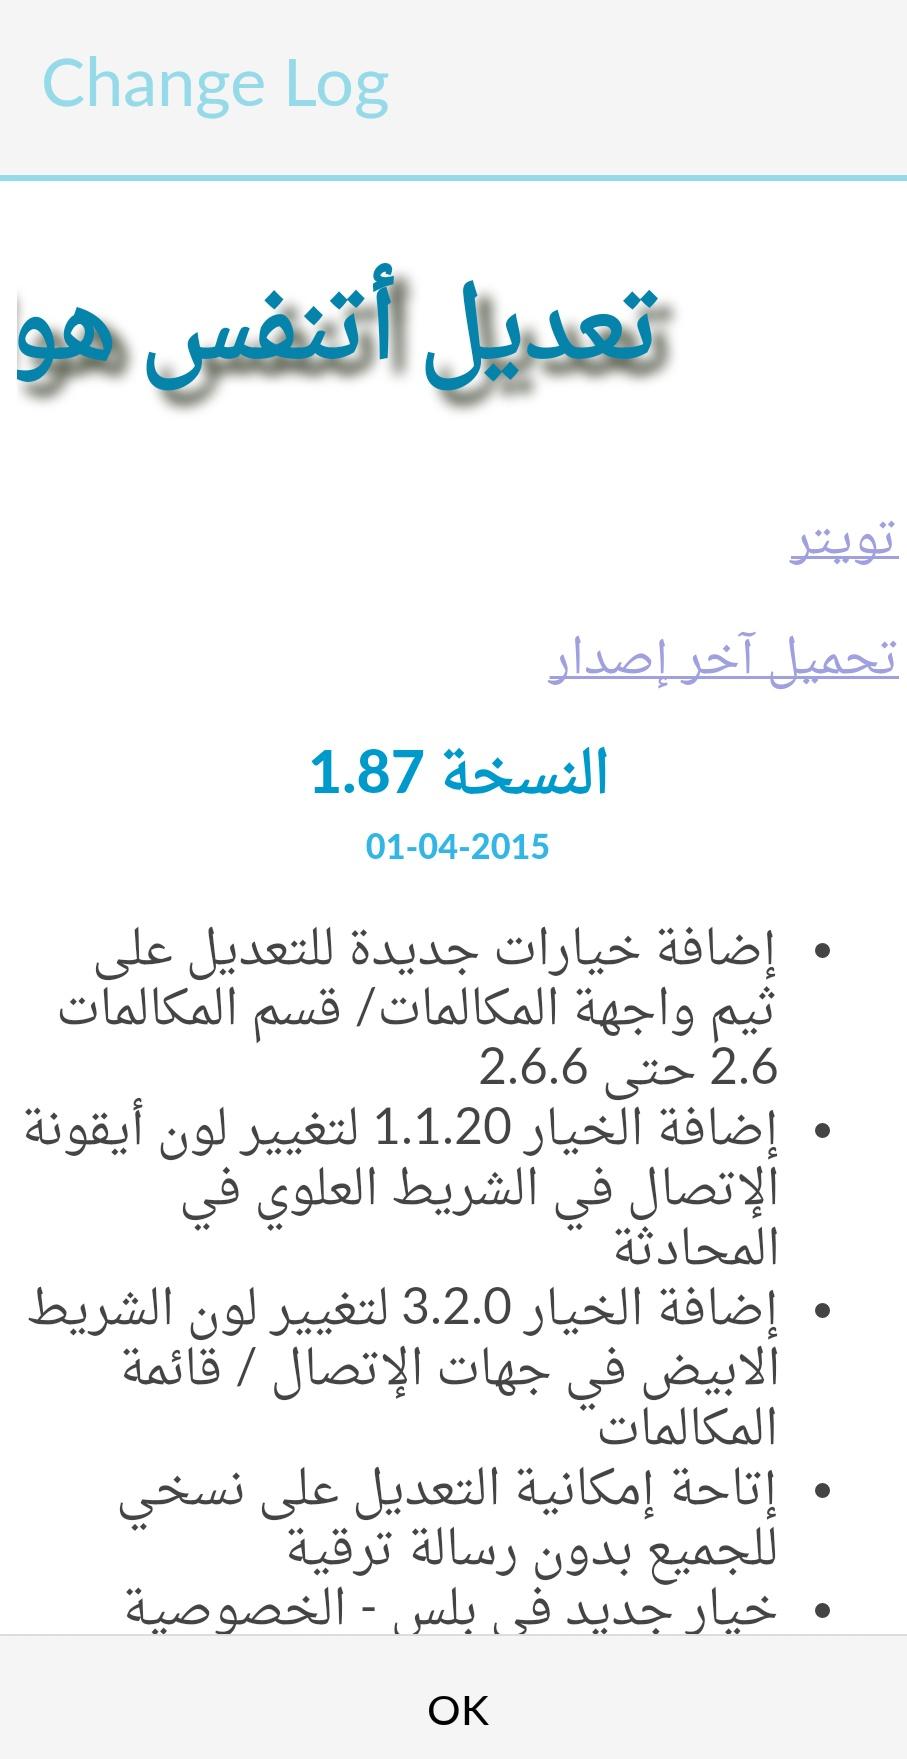 واتساب بلس WhatsApp Plus 1.87 مع وضع رقم سرّي للمحادثات